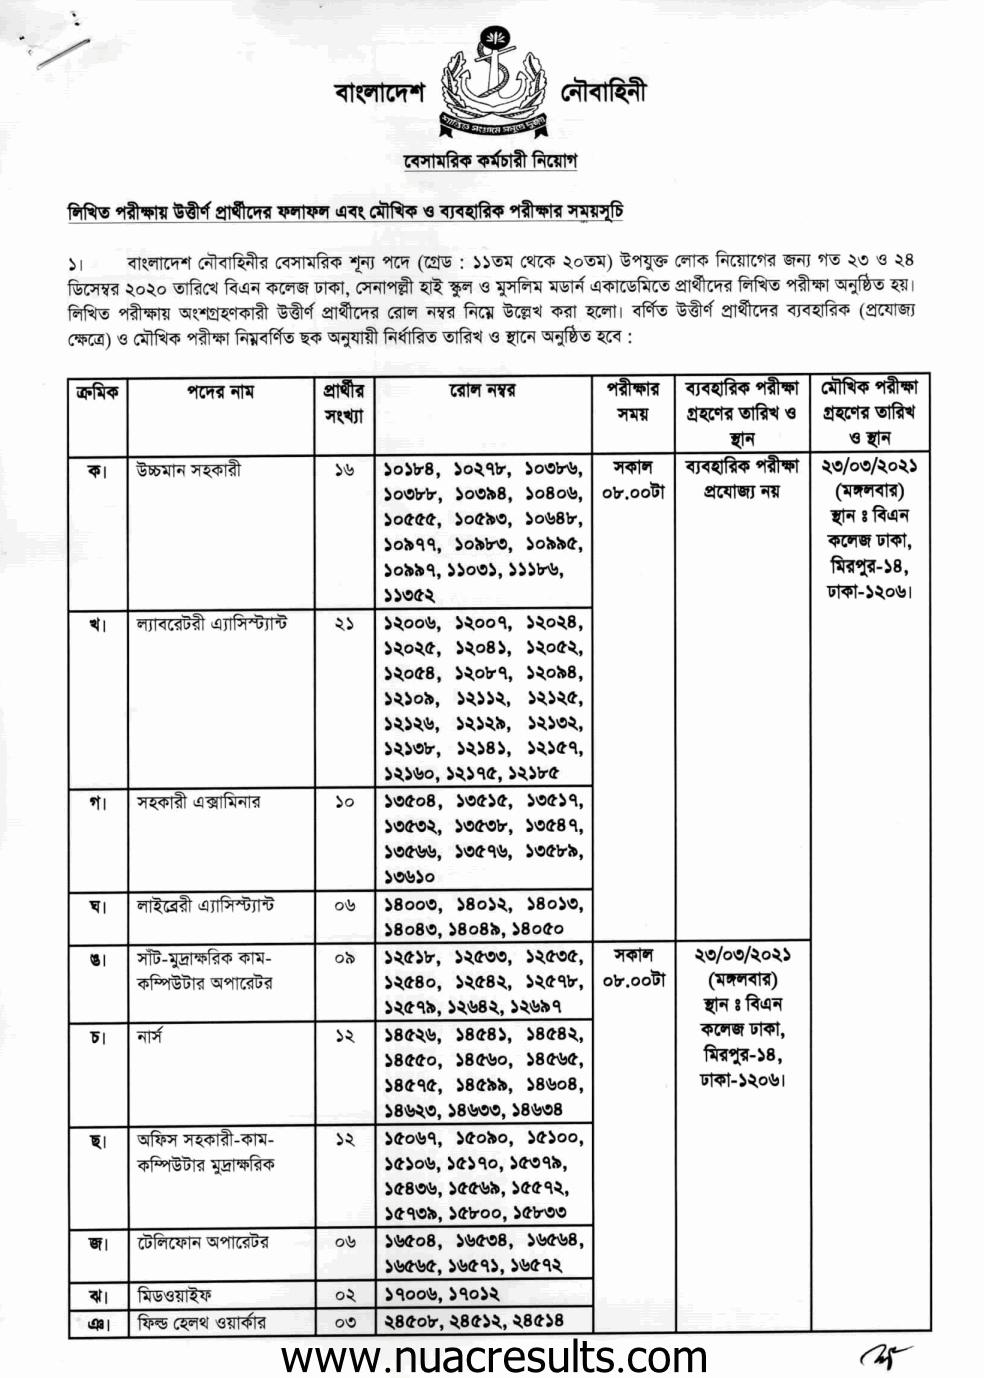 Bangladesh Navy Civilian Job Results 2021